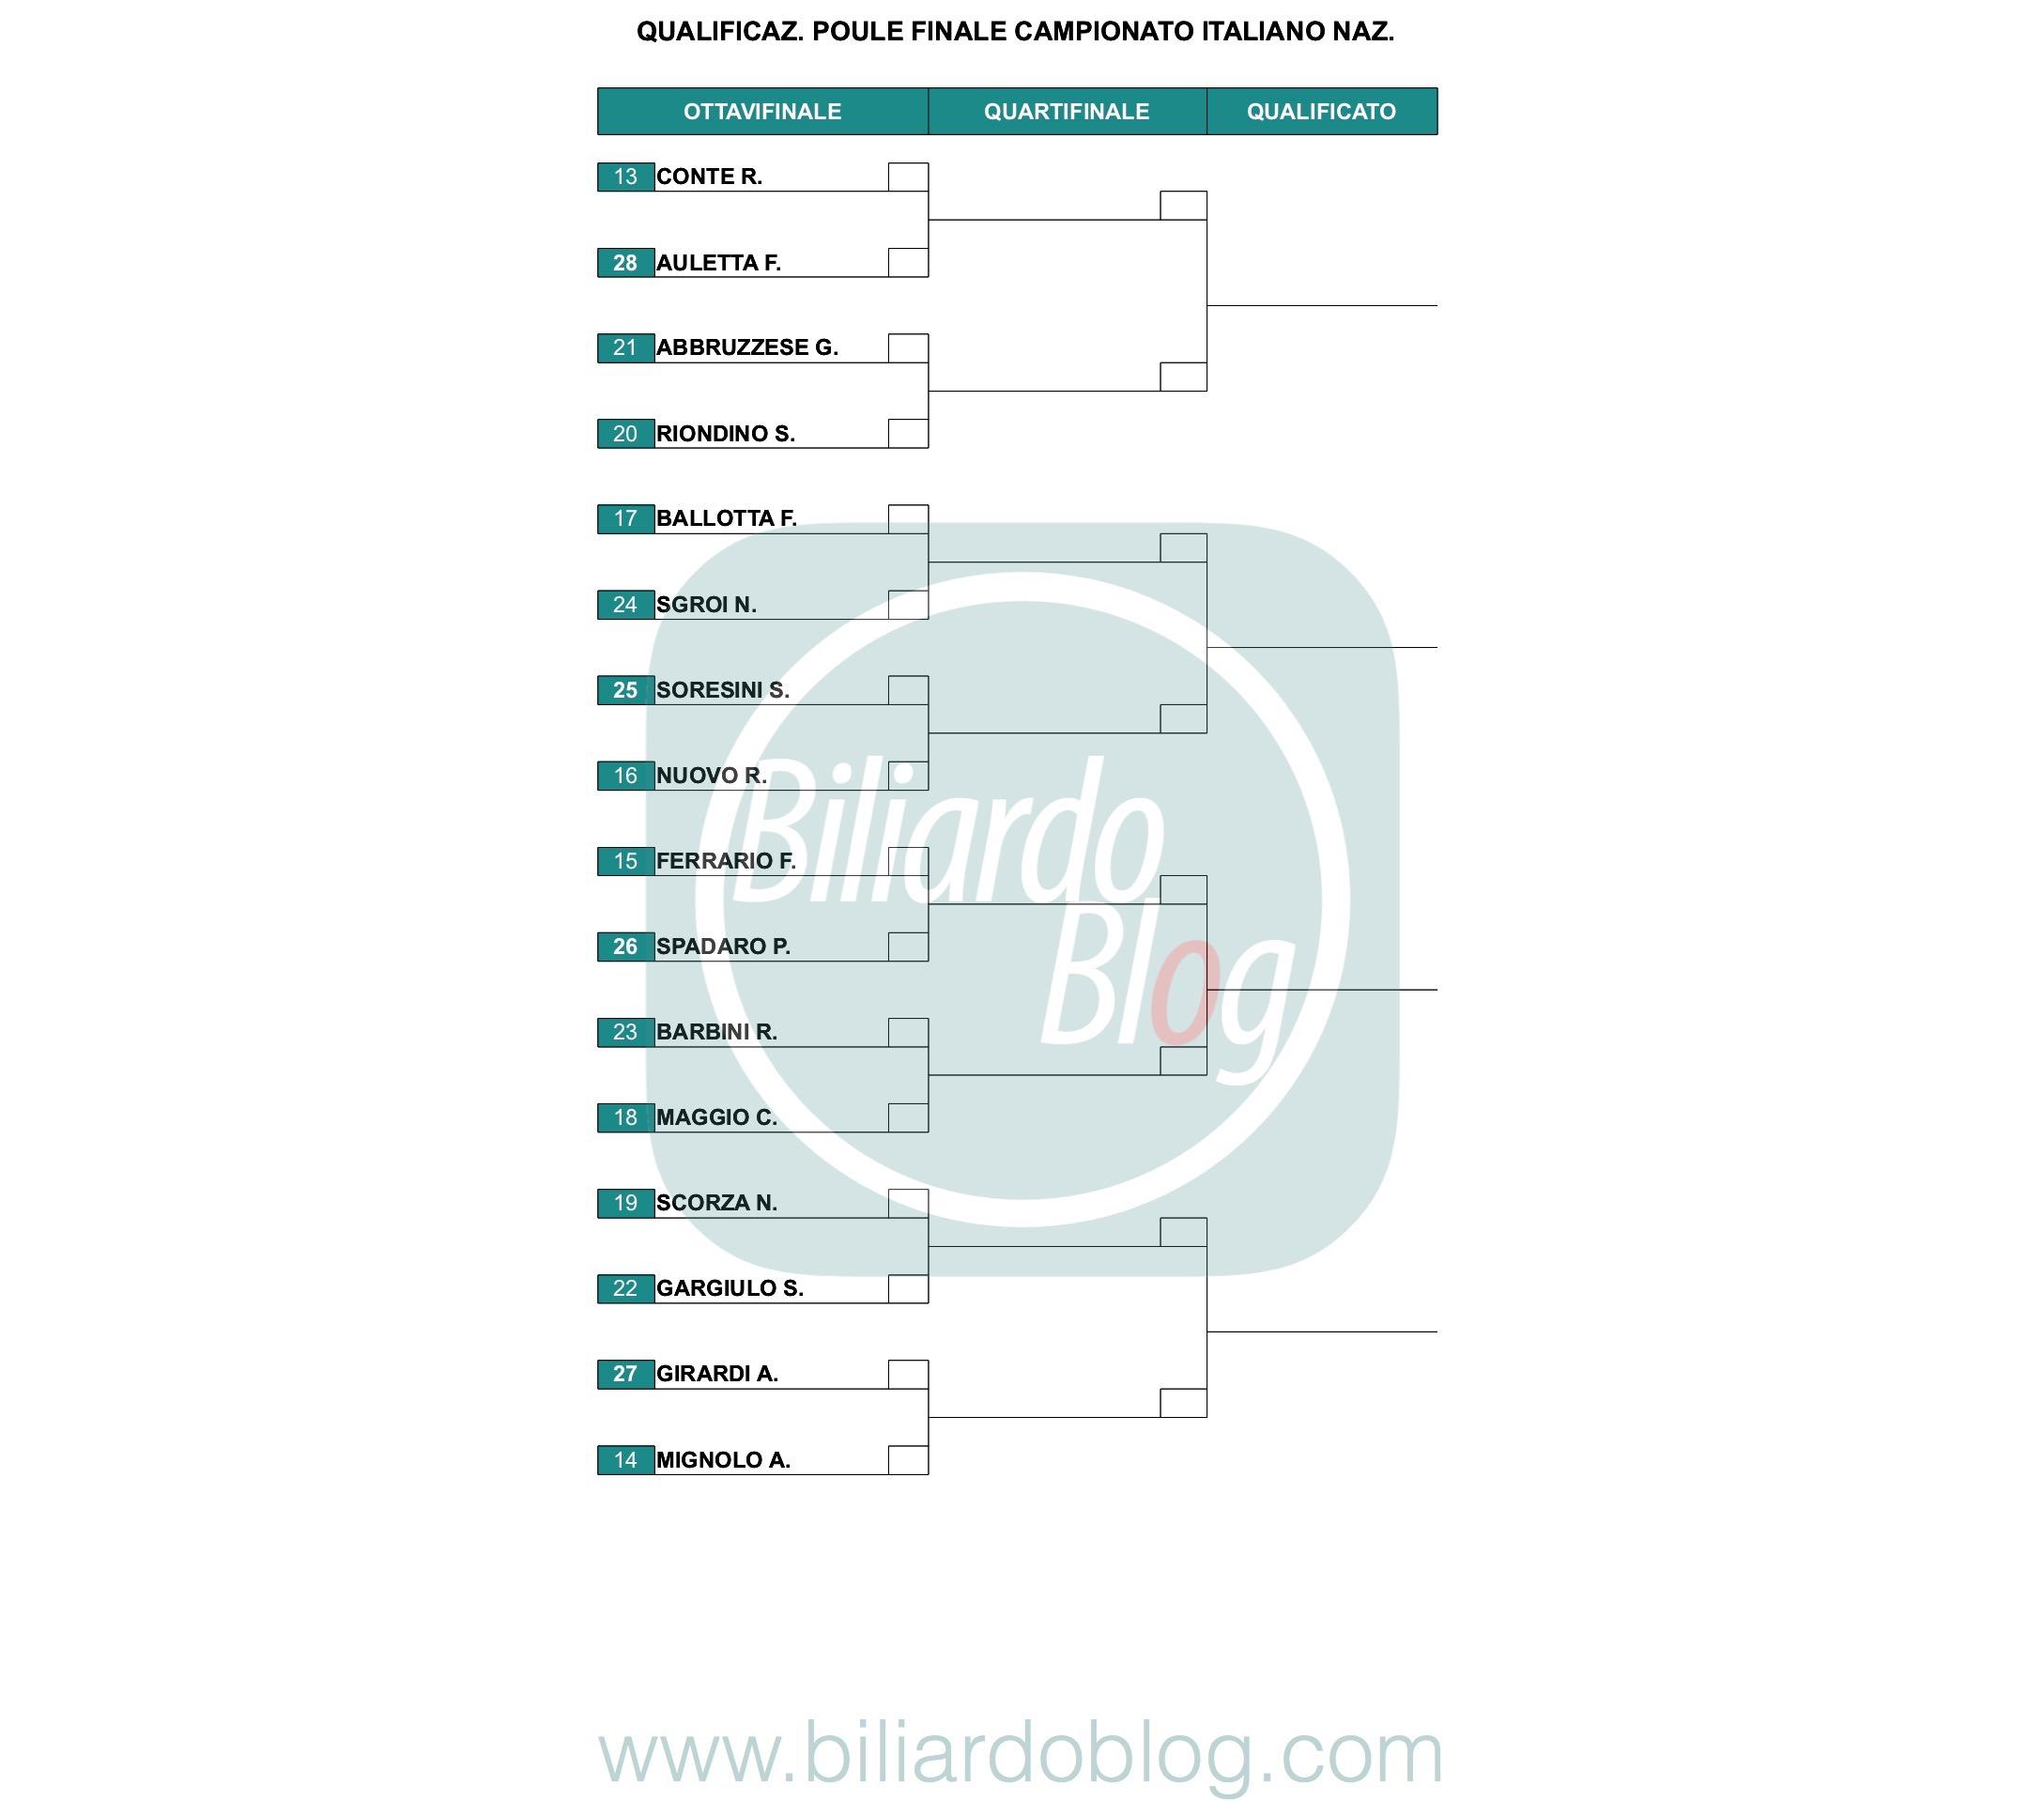 Le Finali del Campionato Italiano di Biliardo 2018 2019:griglia di qualificazione nazionali